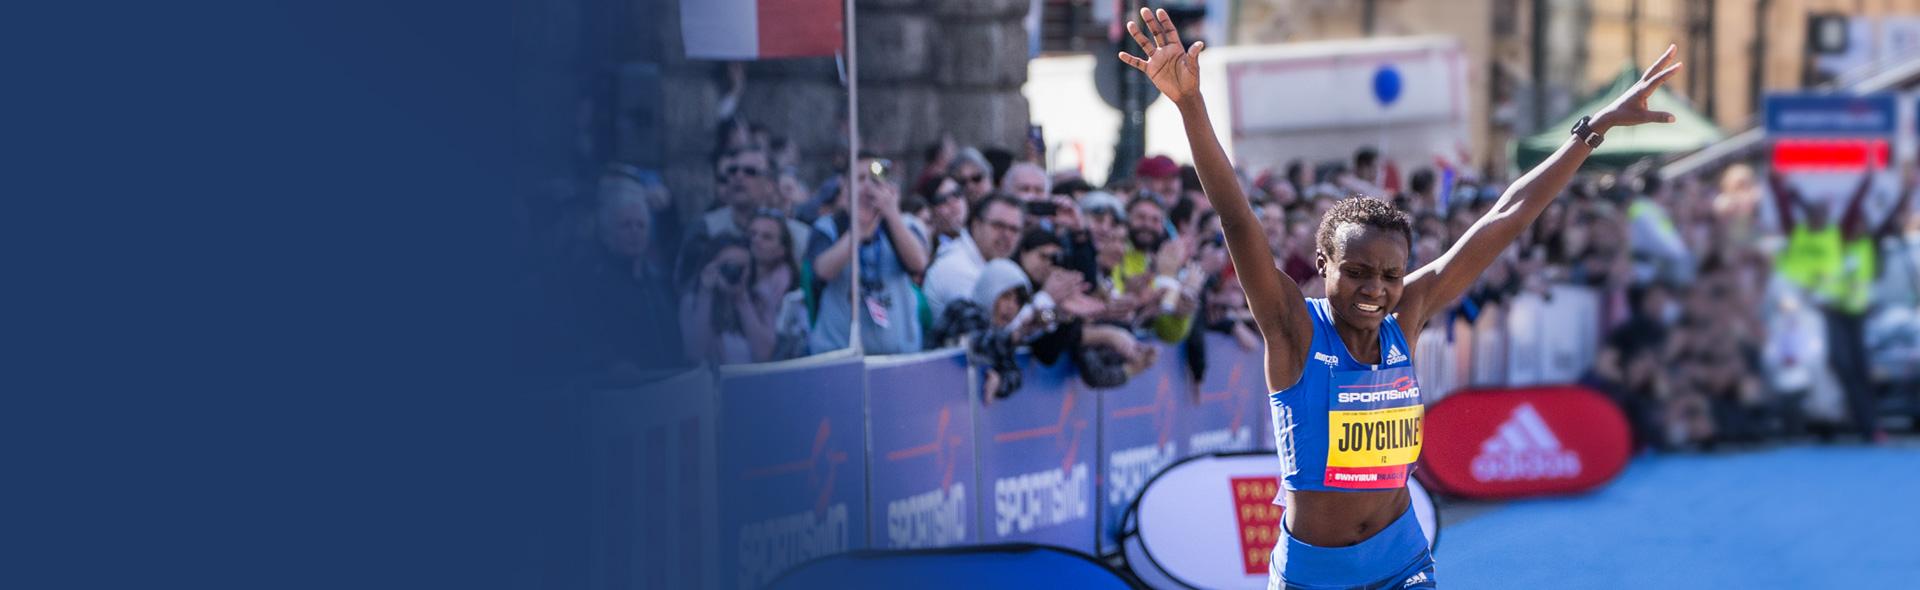 RECORDUL MONDIAL a fost depășit la SPORTISIMO ½ Maraton. Și încă de patru ori!